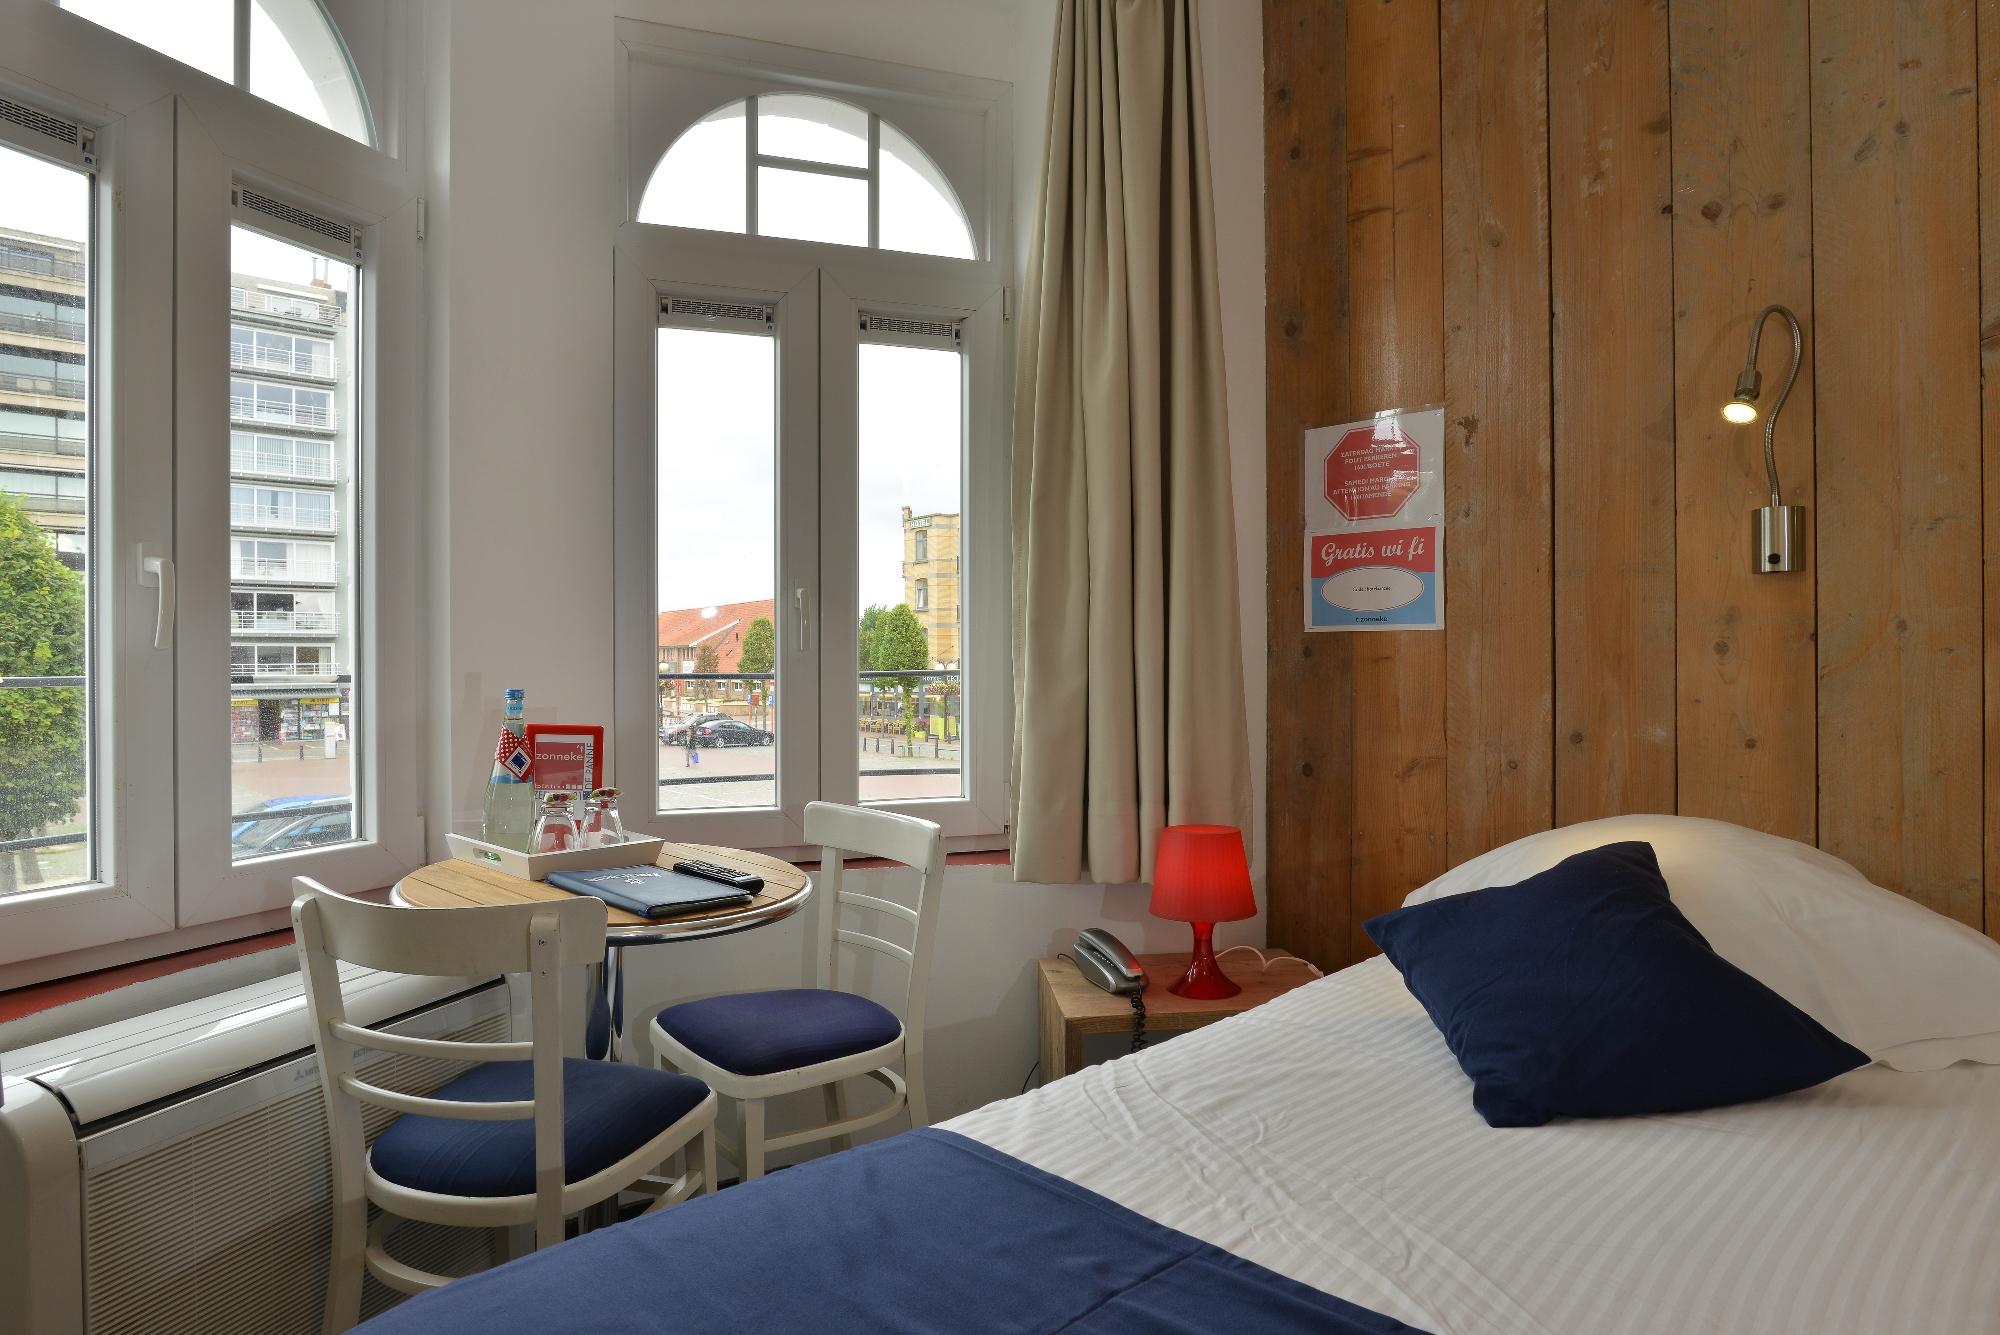 Hotel single kamer De Panne Aanzee